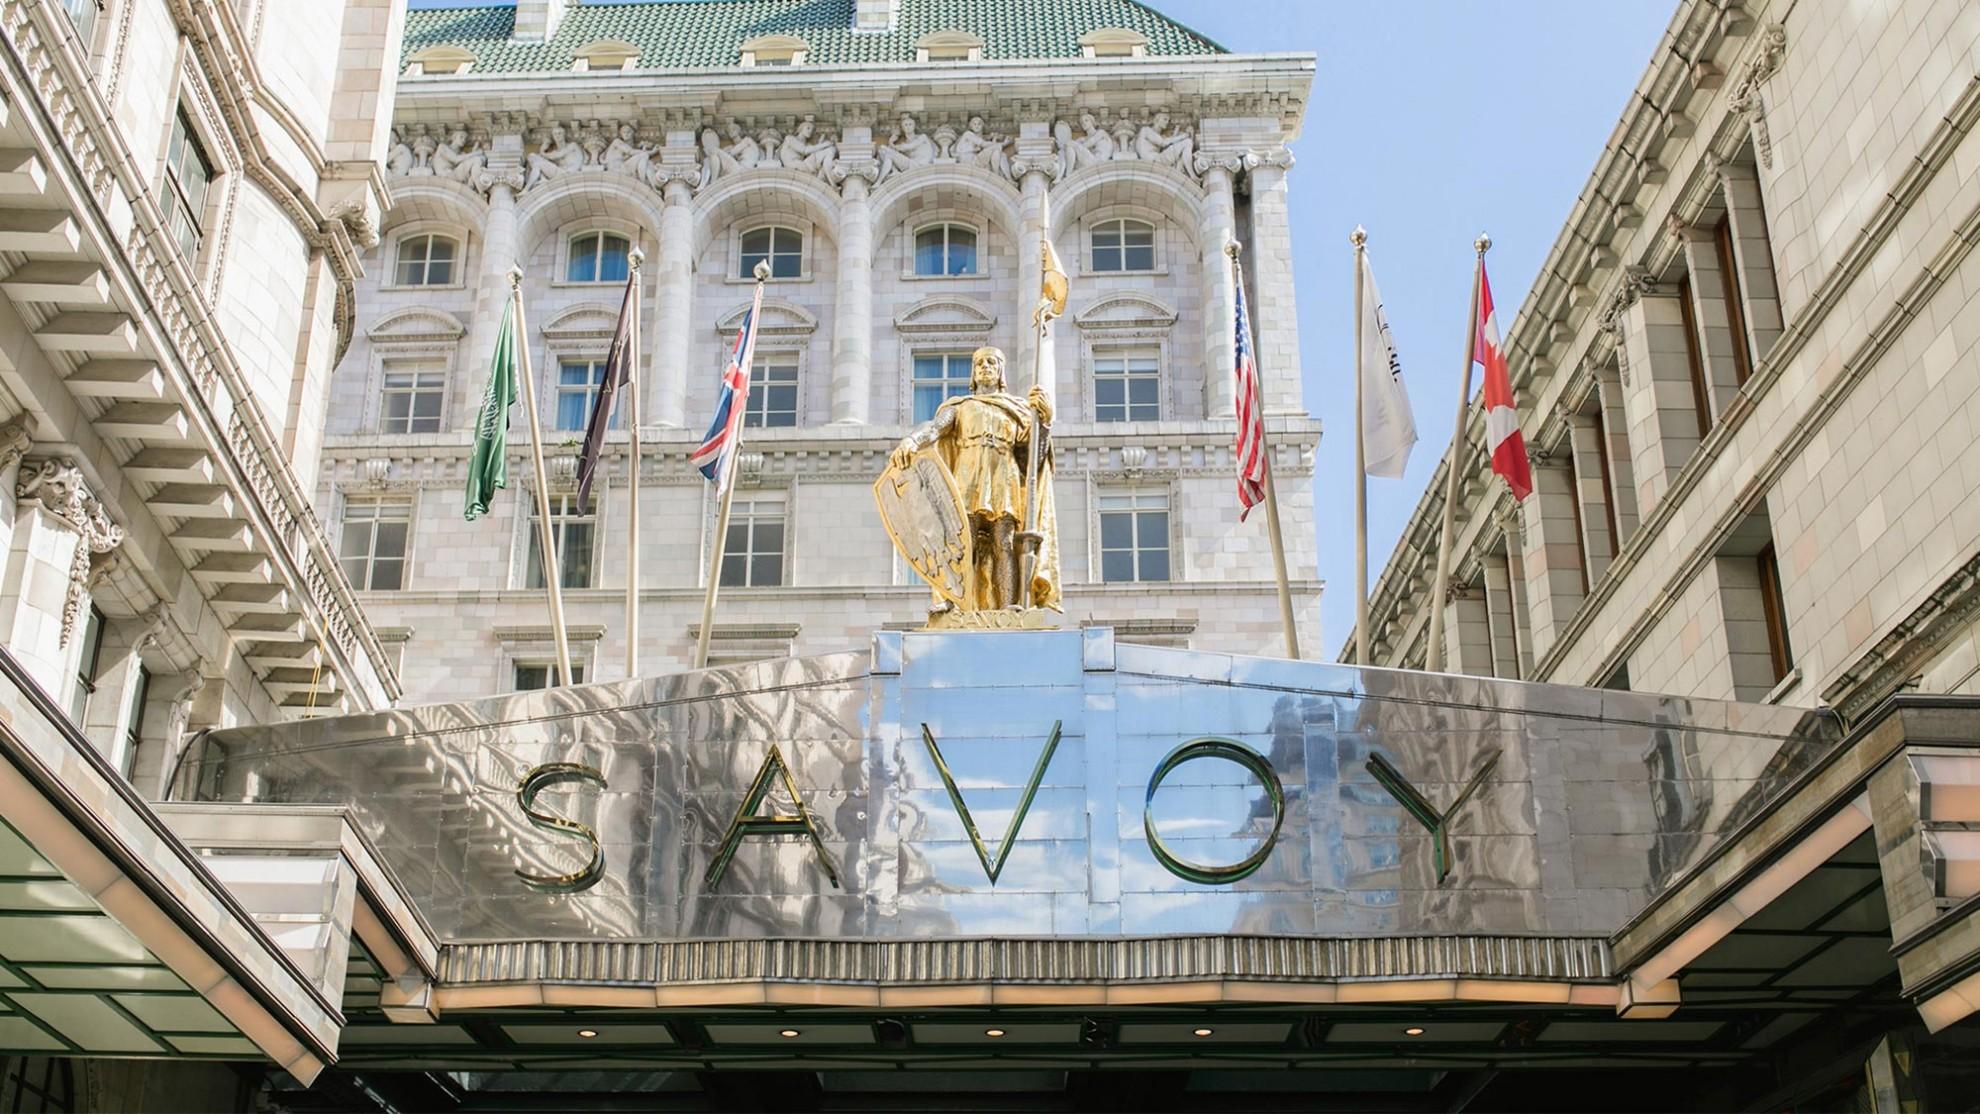 アコーホテルズのキャンペーン。最大€120分のポイントを獲得可能